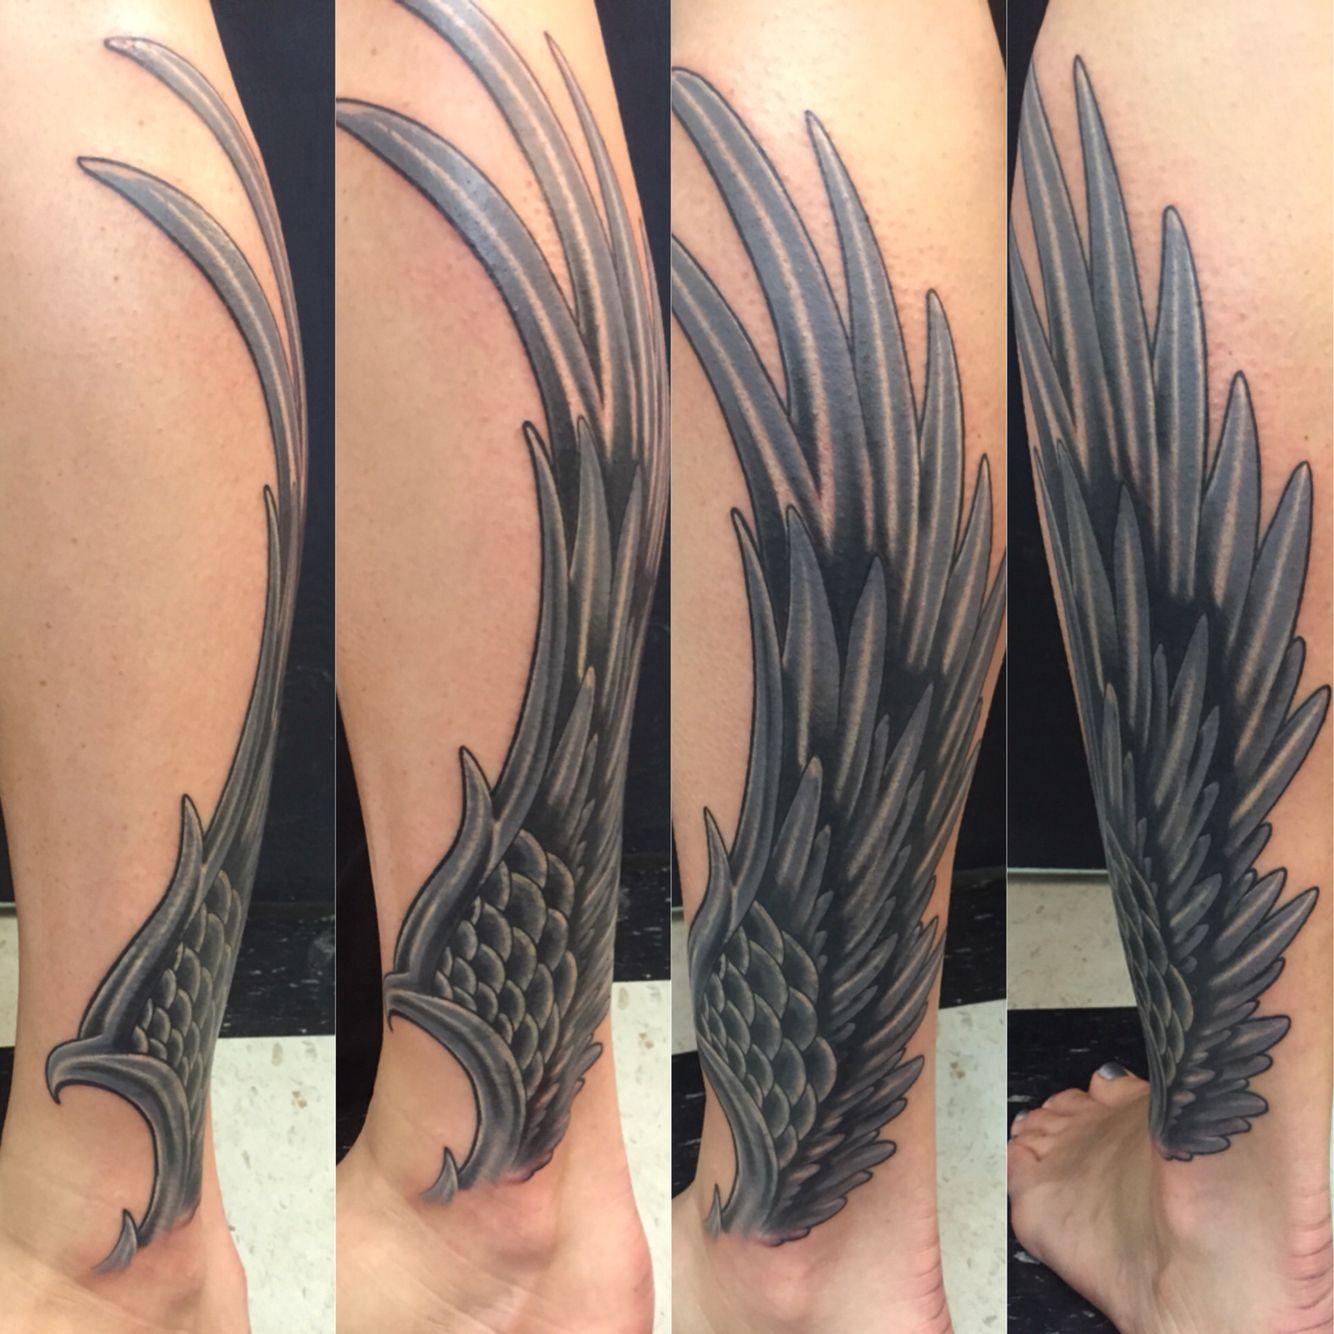 Wing Tattoo Ink Junkies Arvada Co Tribal Tattoos Tattoos Ink